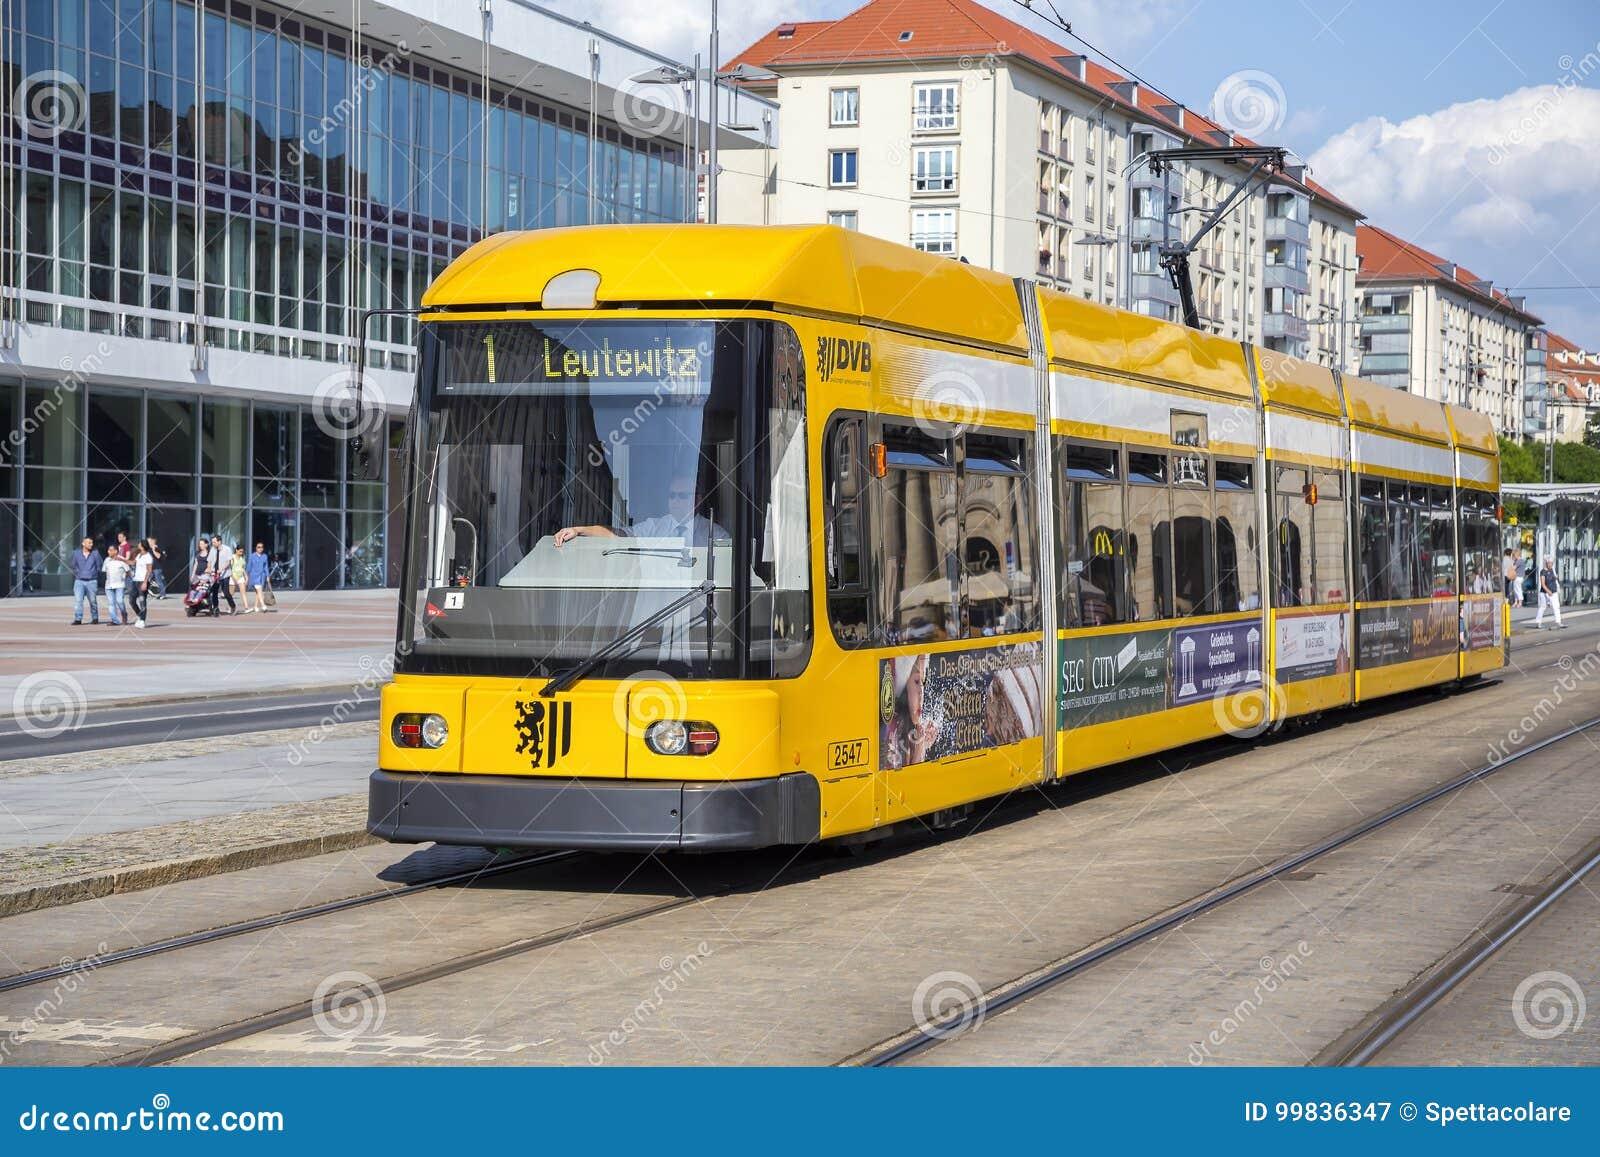 Σύγχρονο κίτρινο τραμ στις οδούς